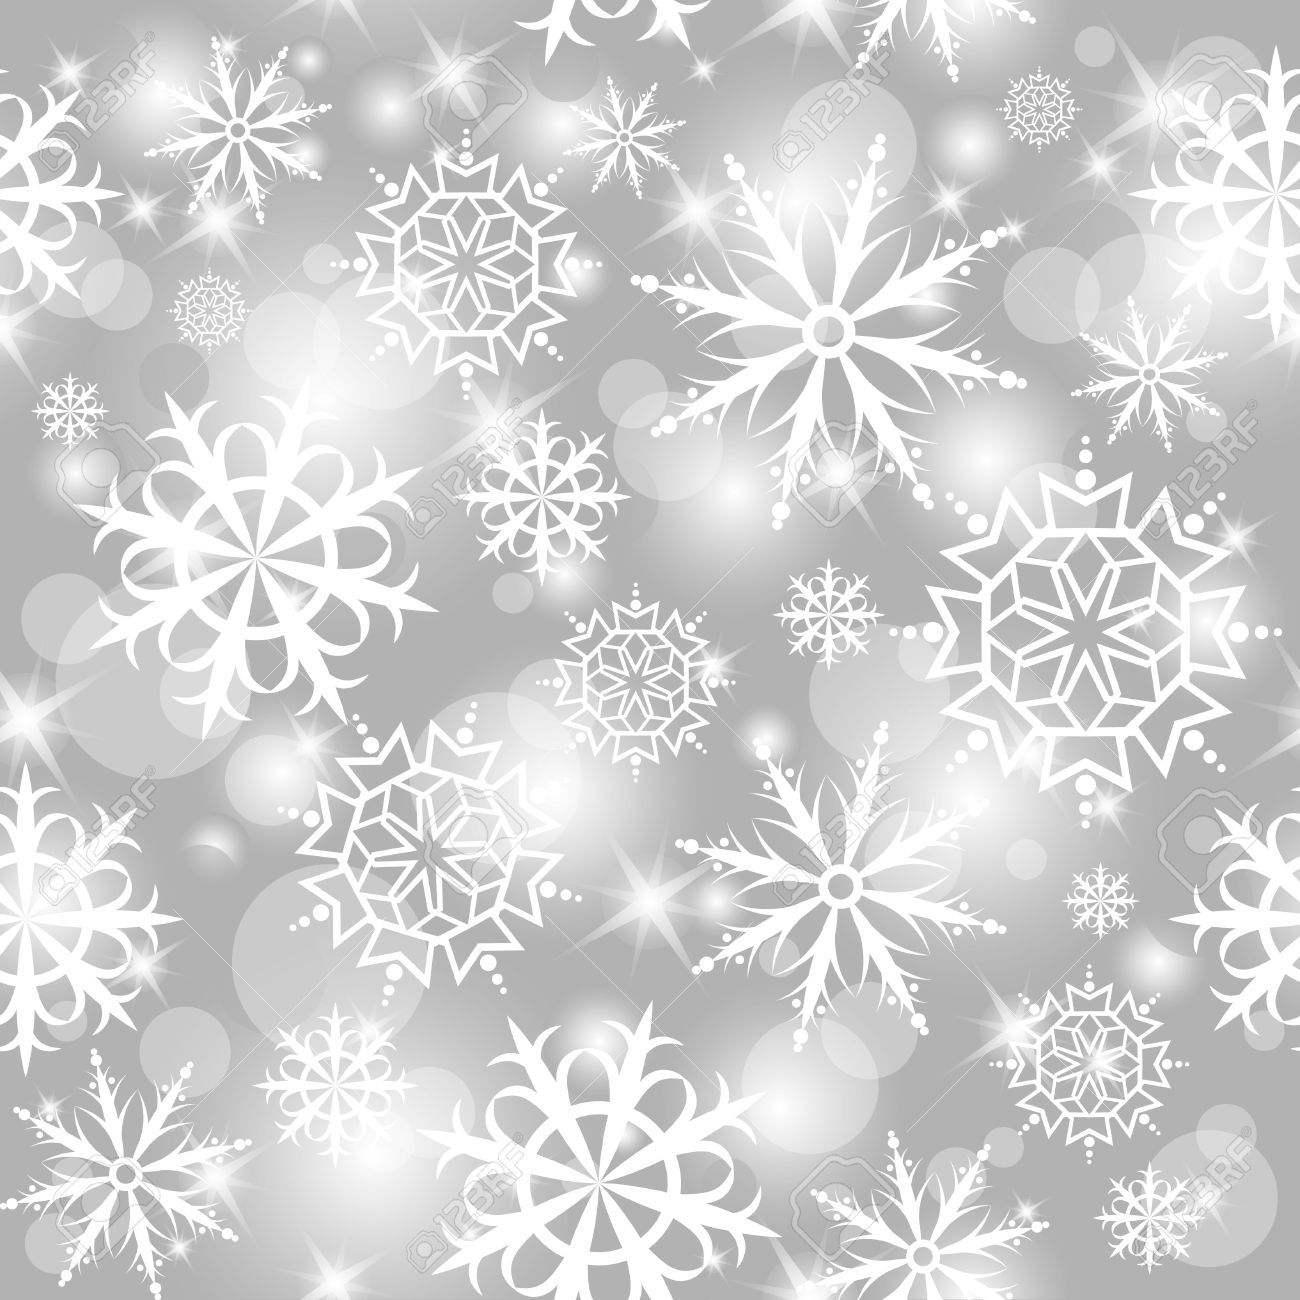 gray shiny seamless pattern with white snowflakes Stock Photo - 10485315